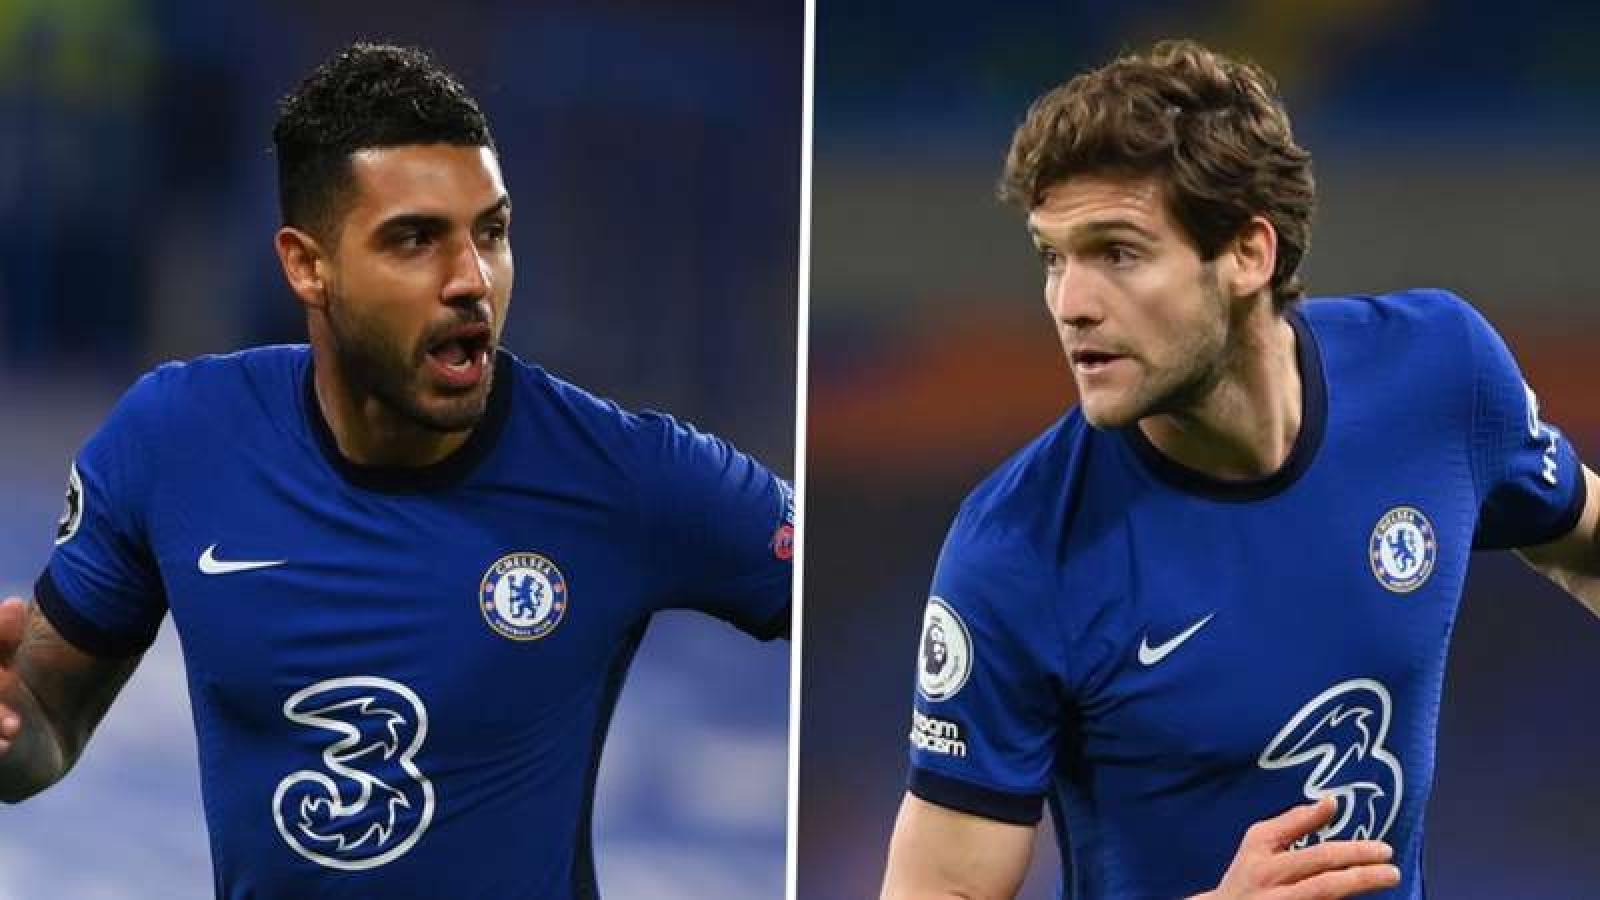 Chelsea thanh lọc lực lượng sau khi vào chung kết Champions League